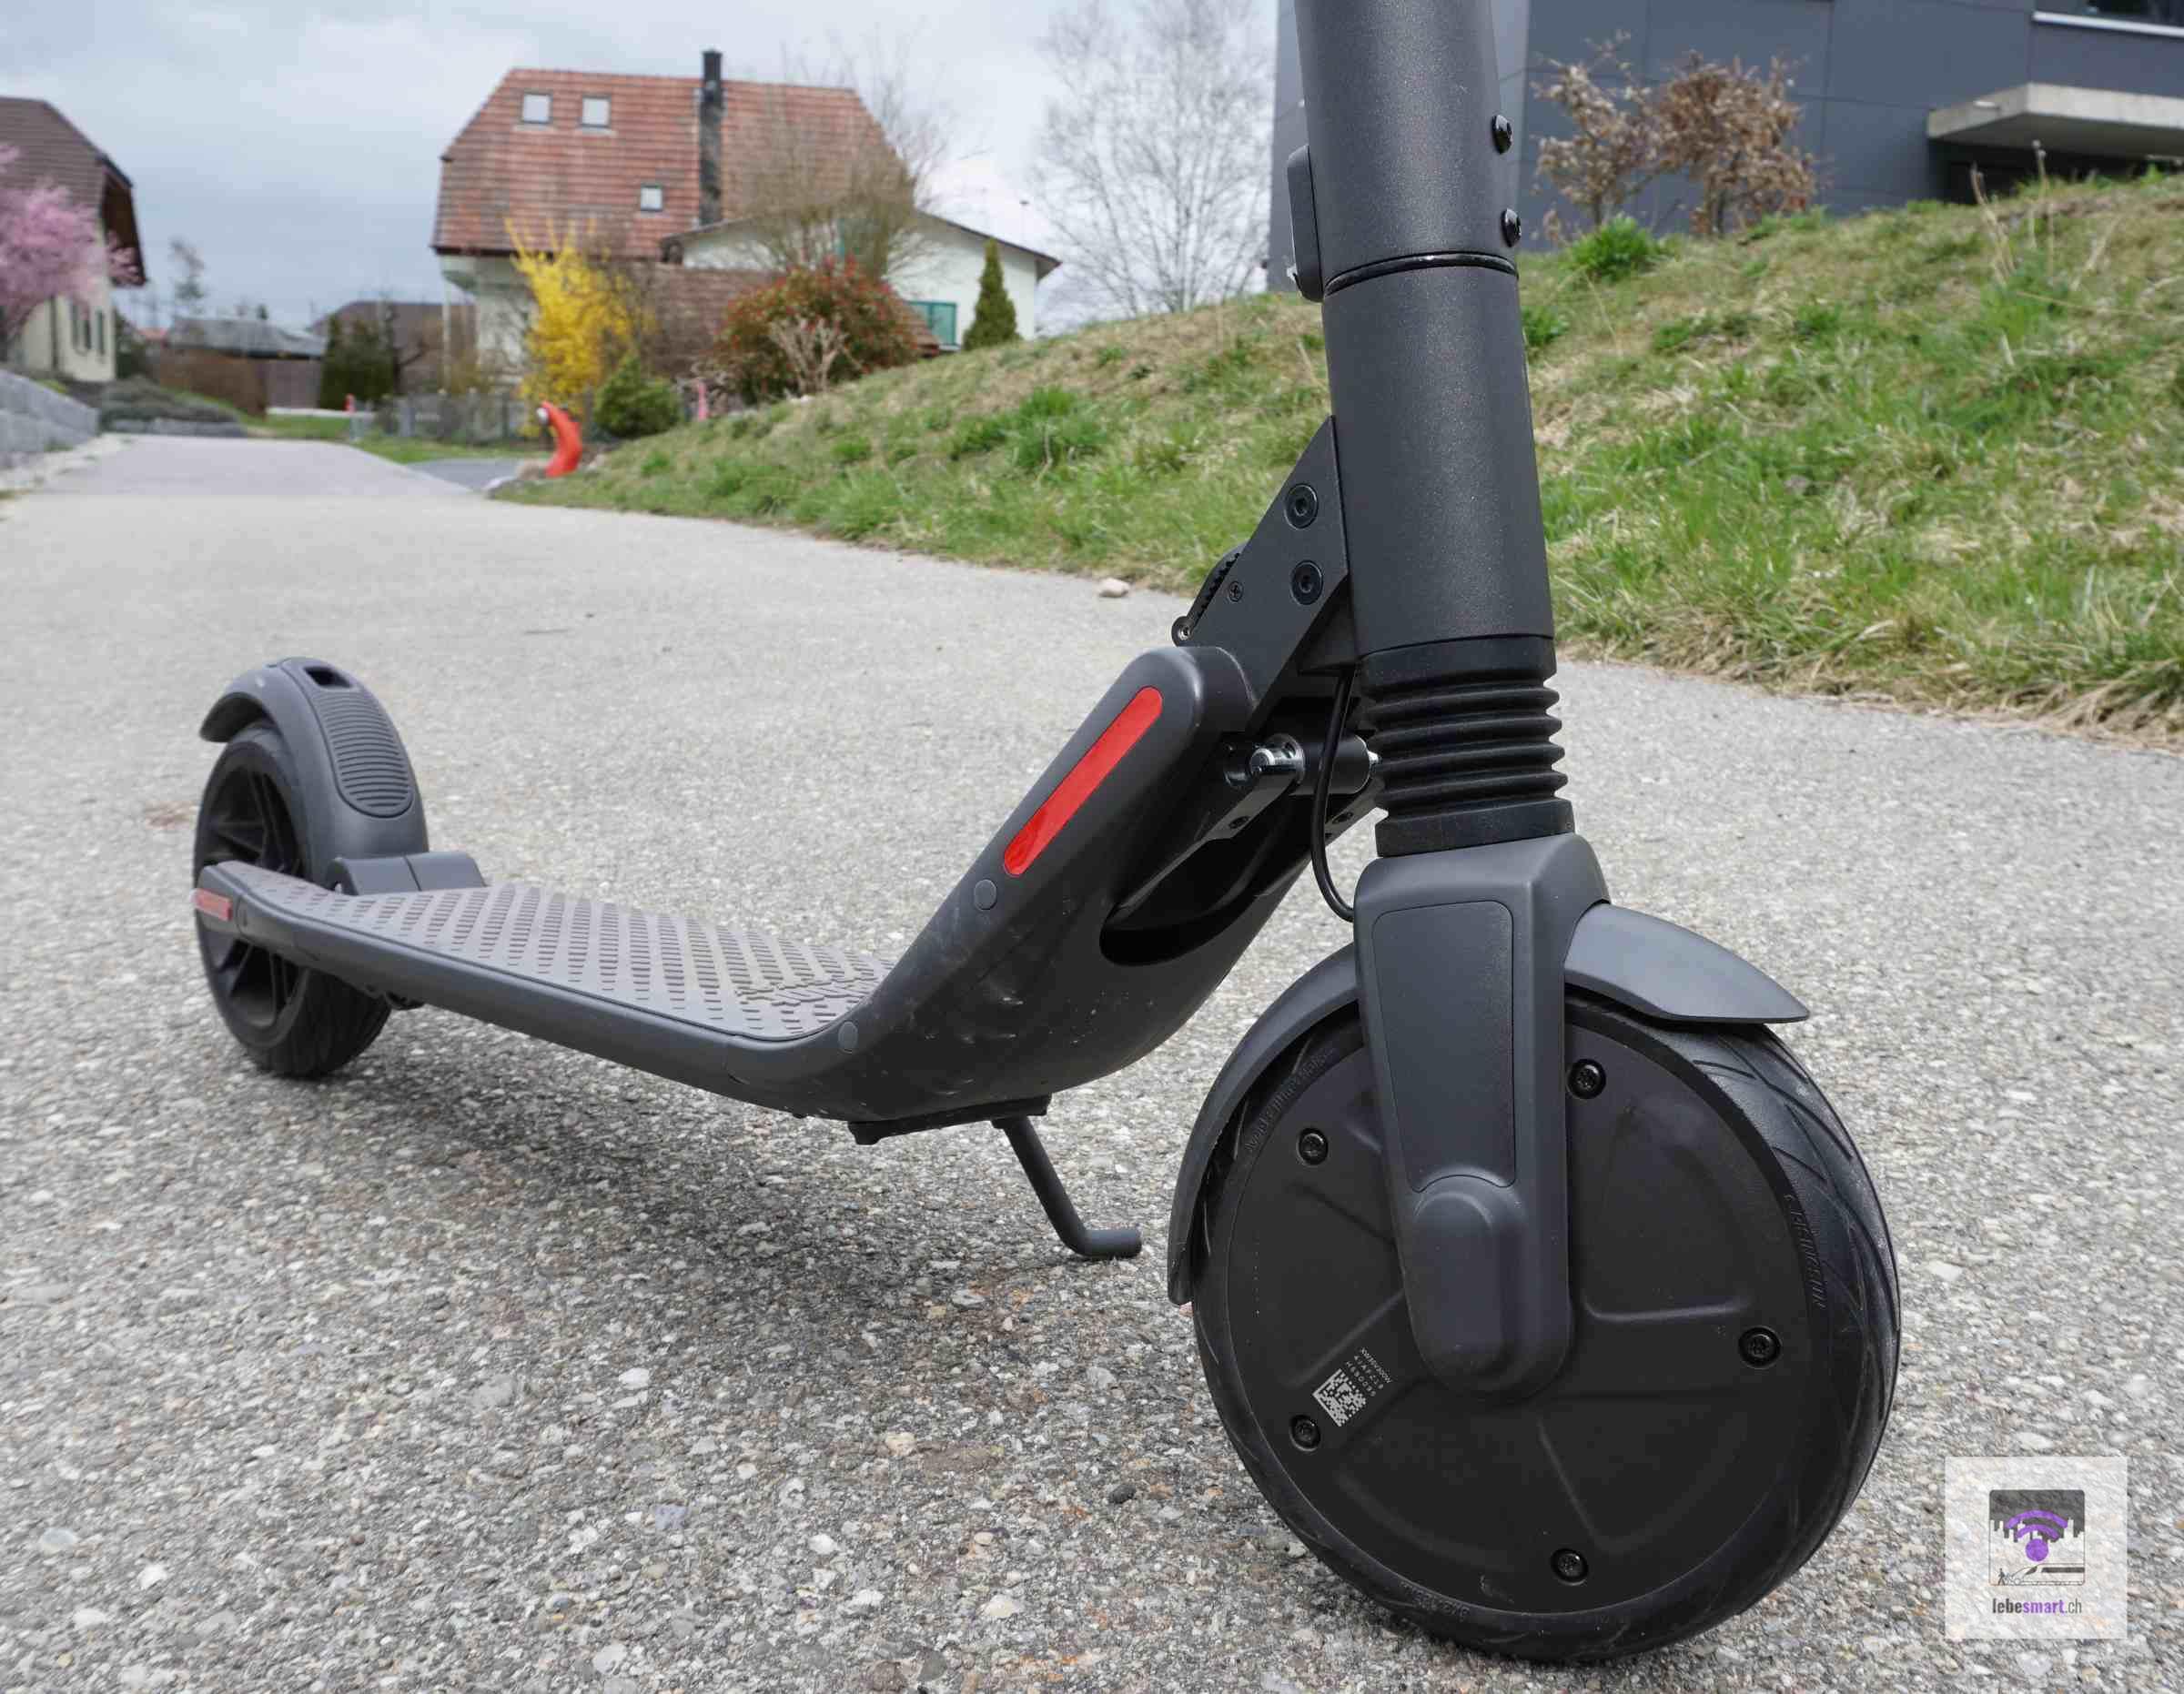 Der E-Scooter aufgestellt